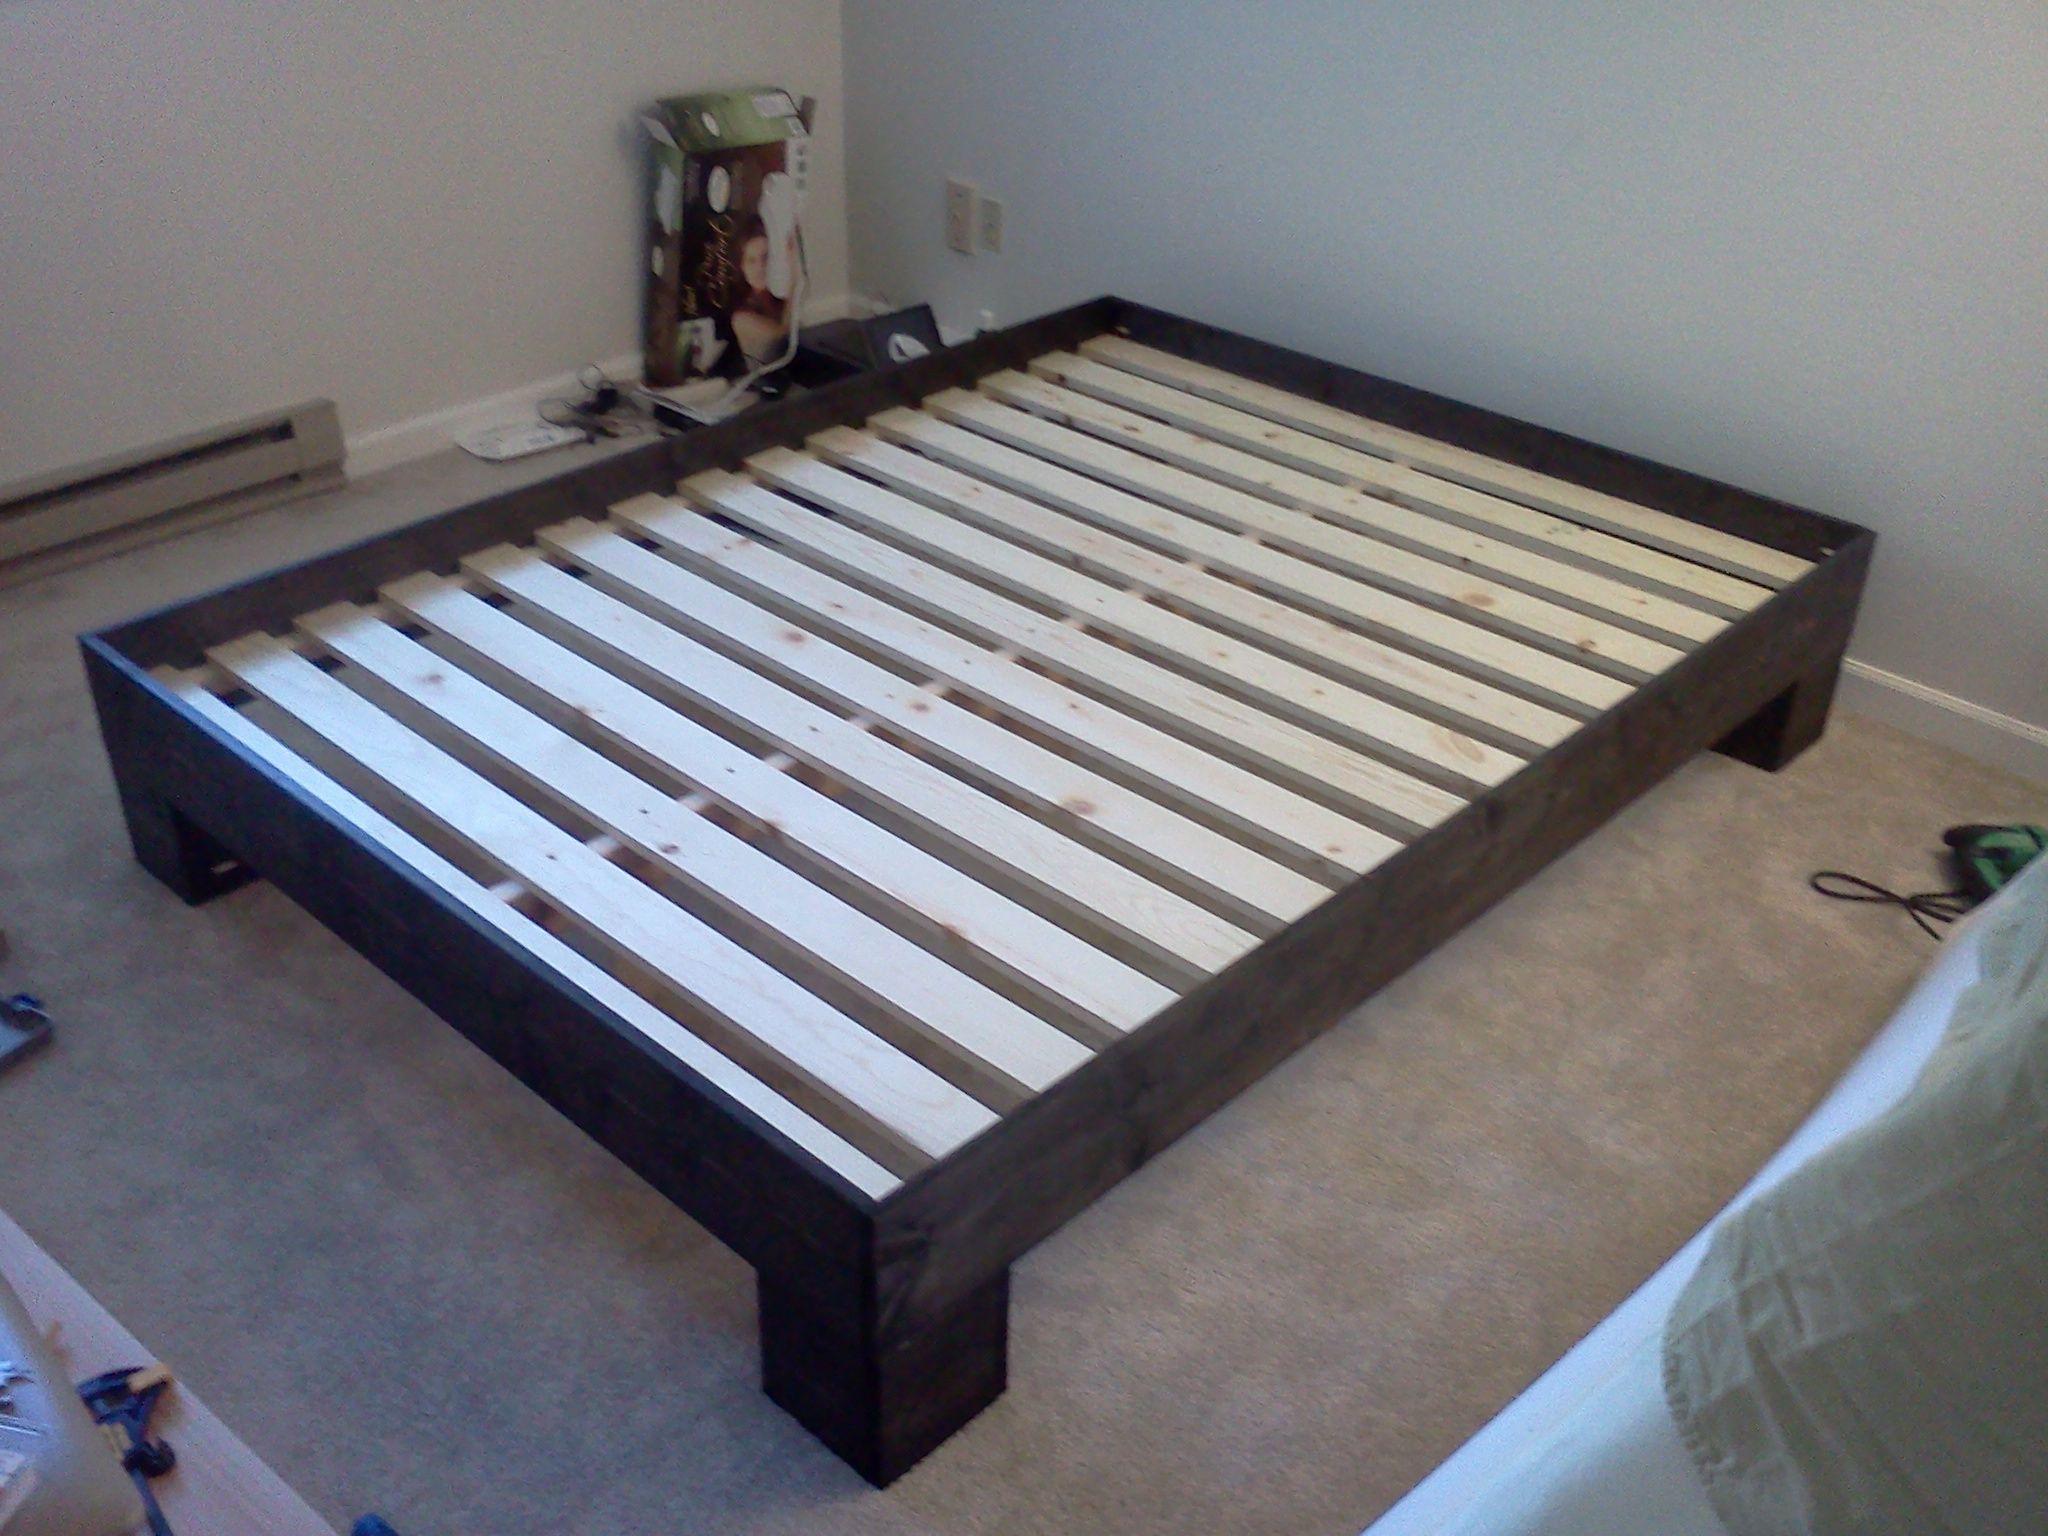 make your own platform bed frame woodworking workshop - Diy Full Bed Frame